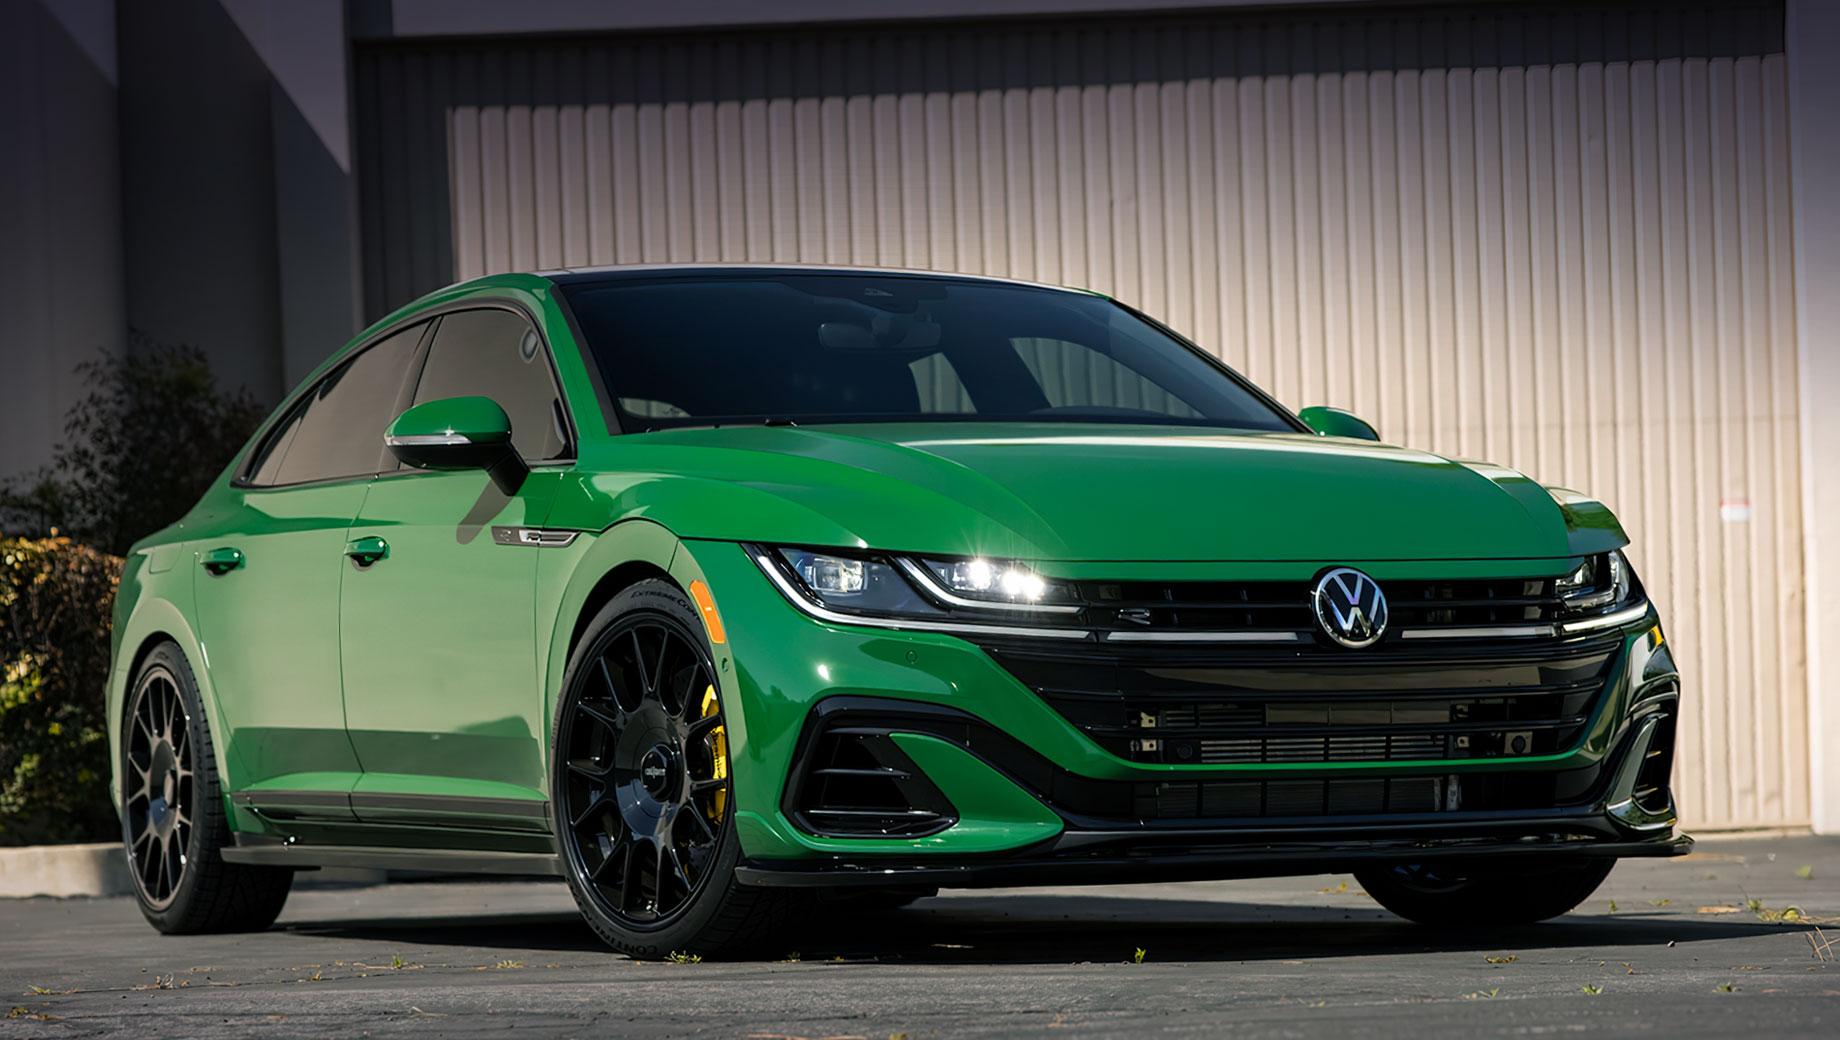 Volkswagen arteon. Биг-Сур — это участок побережья Калифорнии (и одноимённый фильм), чьи живописные пейзажи «вдохновили» цвет кузова. Подвеска занижена на 1,5 дюйма (38 мм). Добавлены сплиттер, спойлер и боковые юбки. Установлены 20-дюймовые колёса Rotiform TUF-R с глянцево-чёрным дизайном.